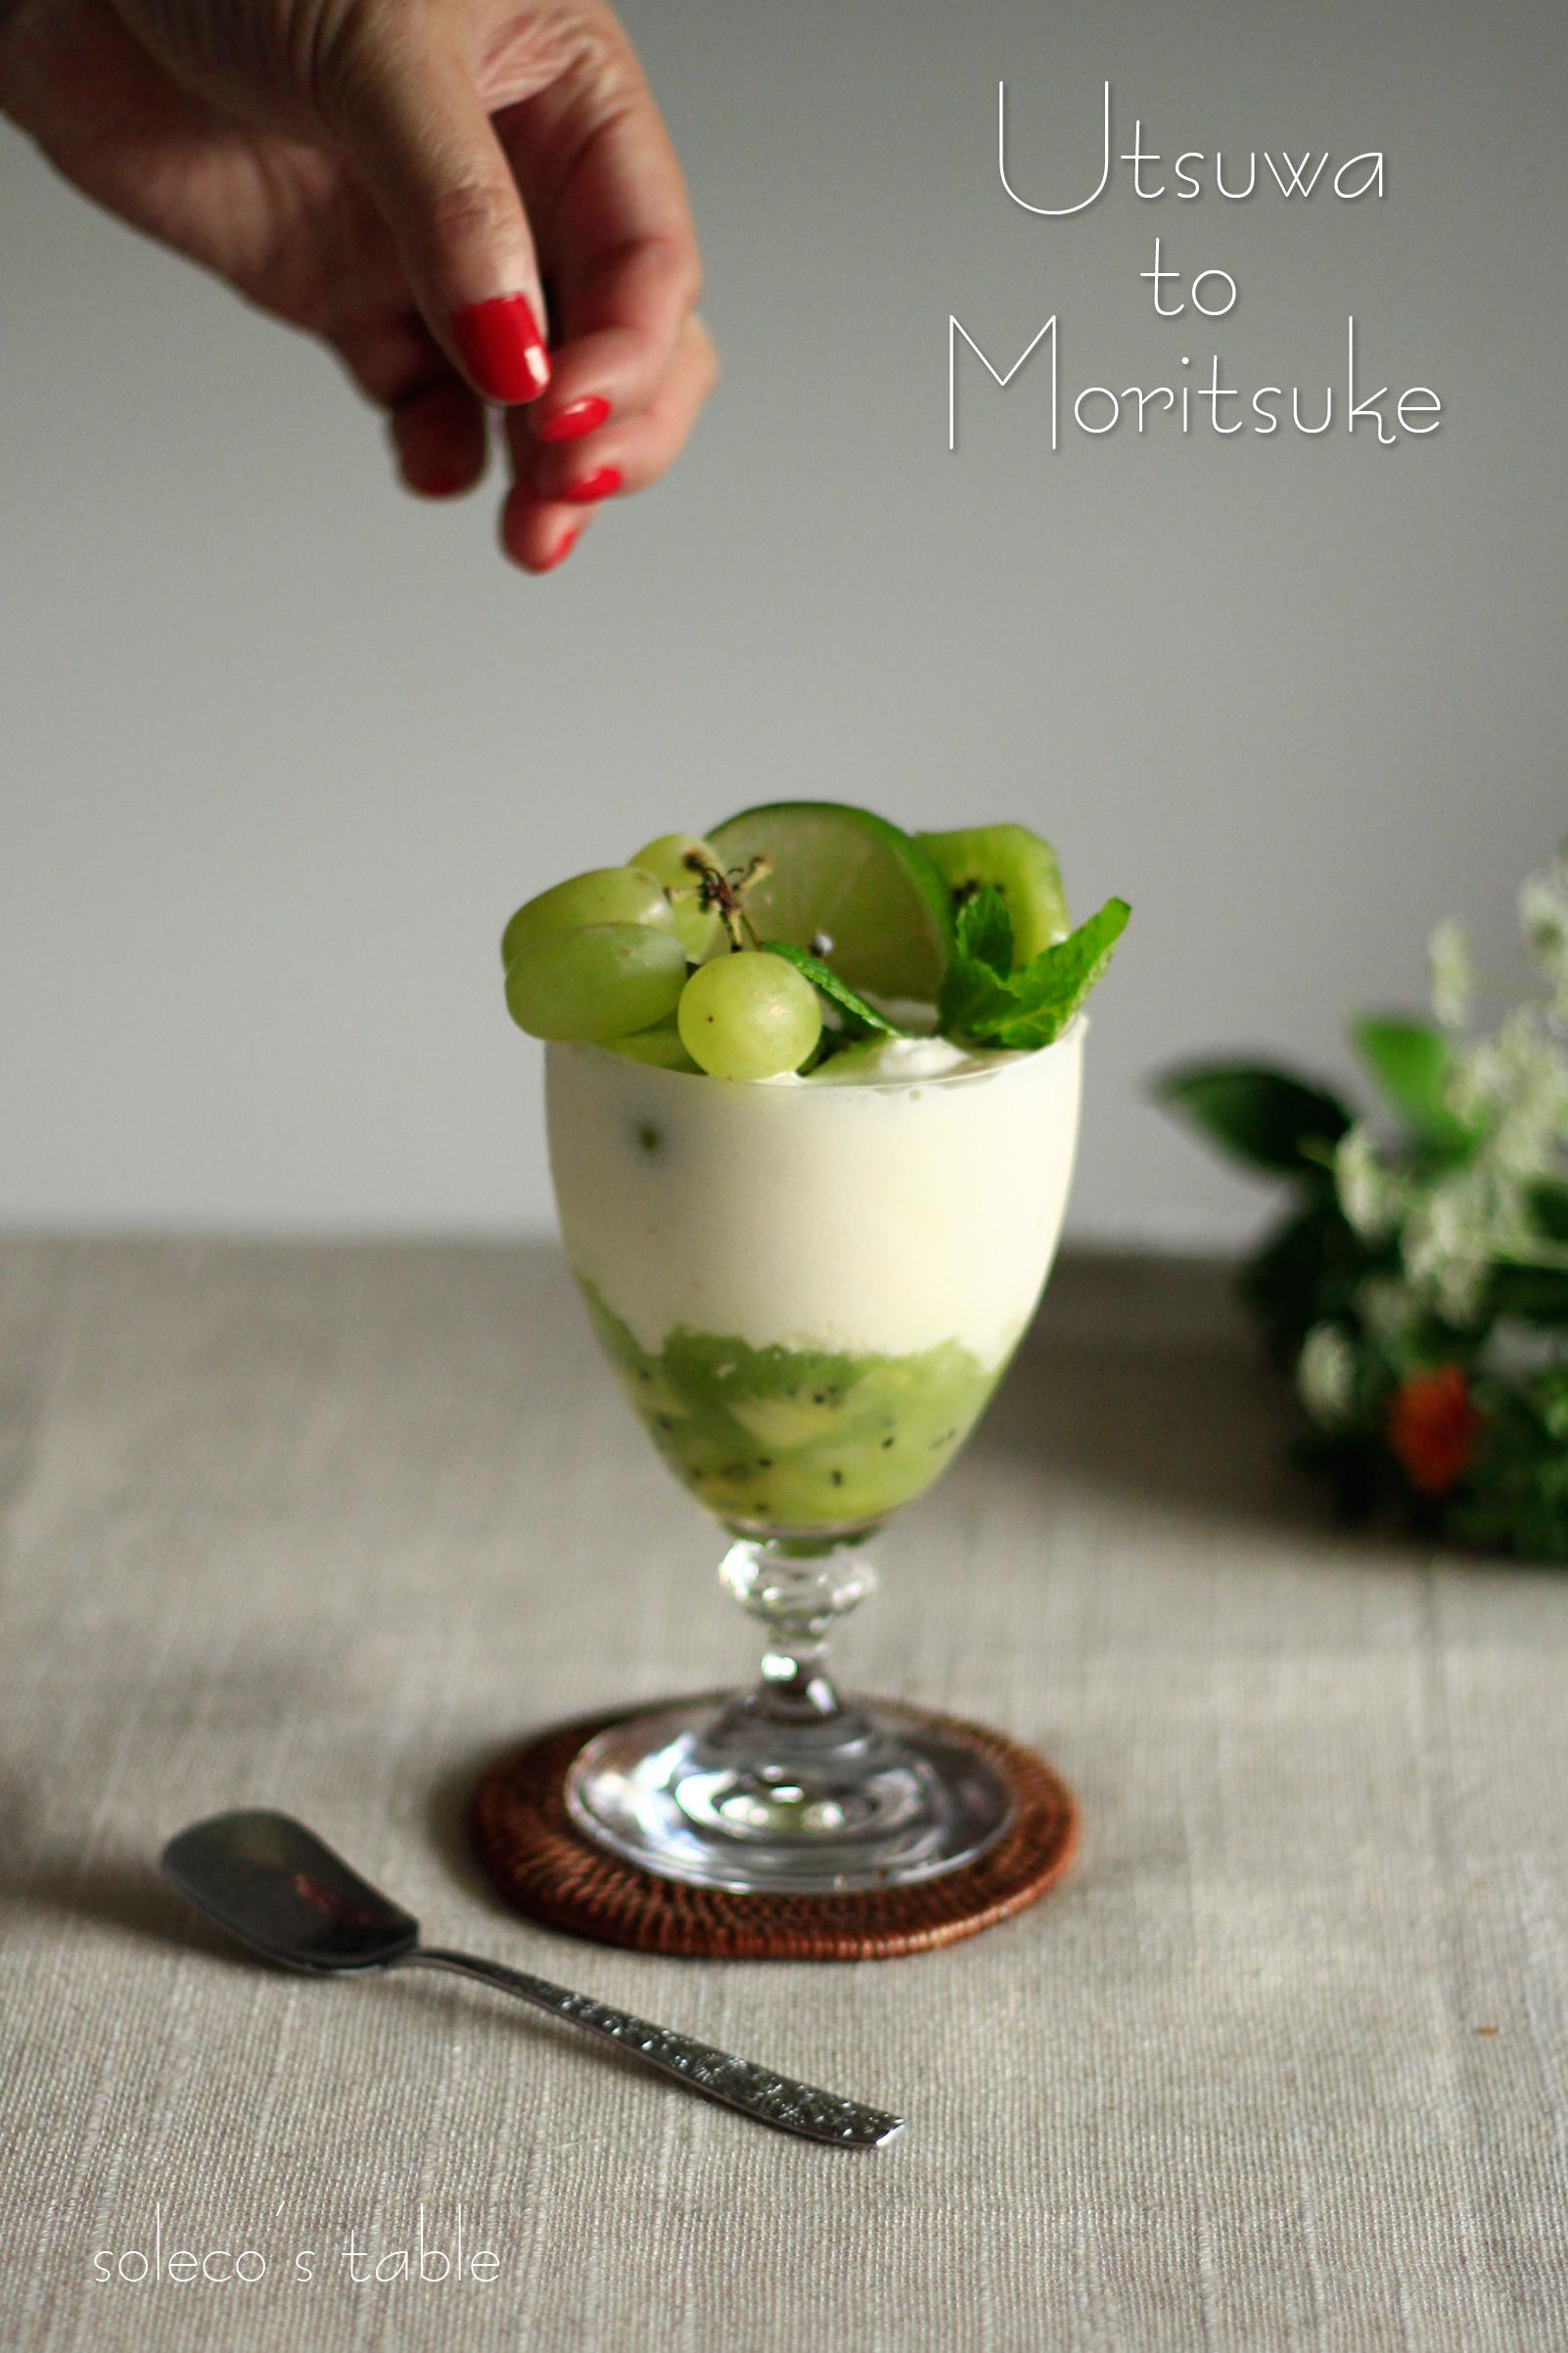 ワイングラスでグリーンパフェを盛り付けアイキャッチ画像